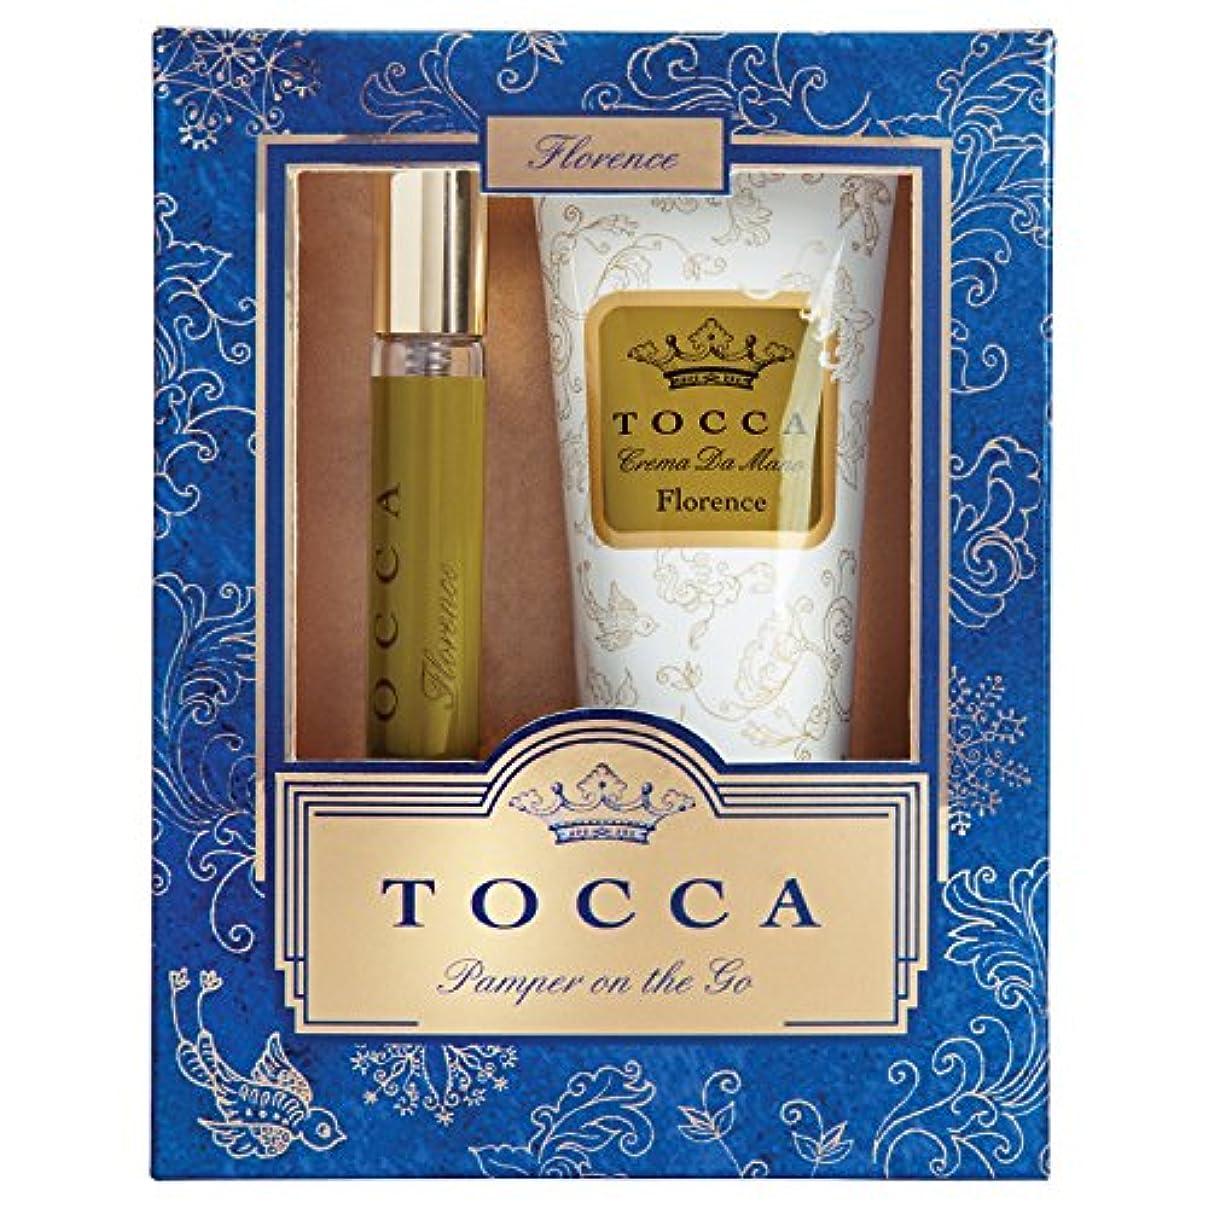 風刺被害者いとこトッカ(TOCCA) トラベルパンパーセットギルディッド フローレンスの香り (ハンドクリーム&香水、限定コフレ)